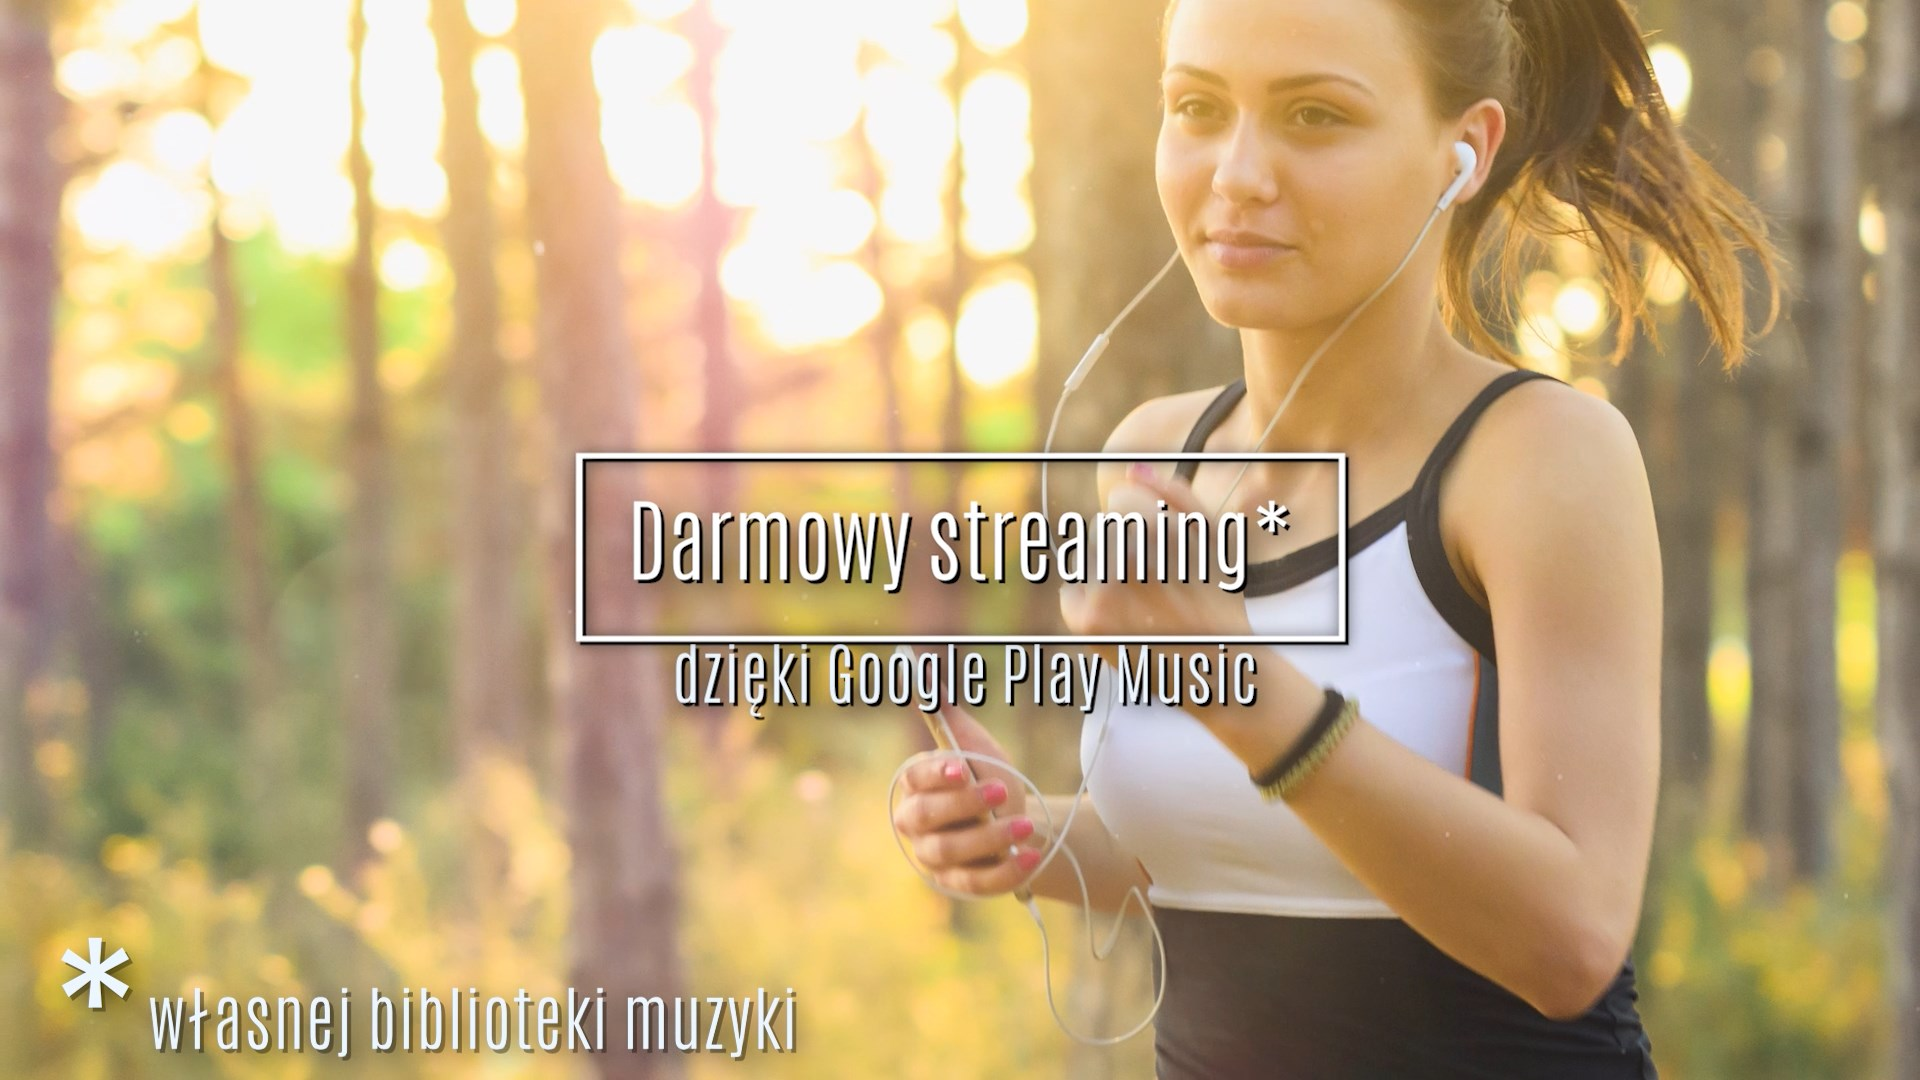 Darmowy streaming (własnej biblioteki muzyki) dzięki Google Play Music